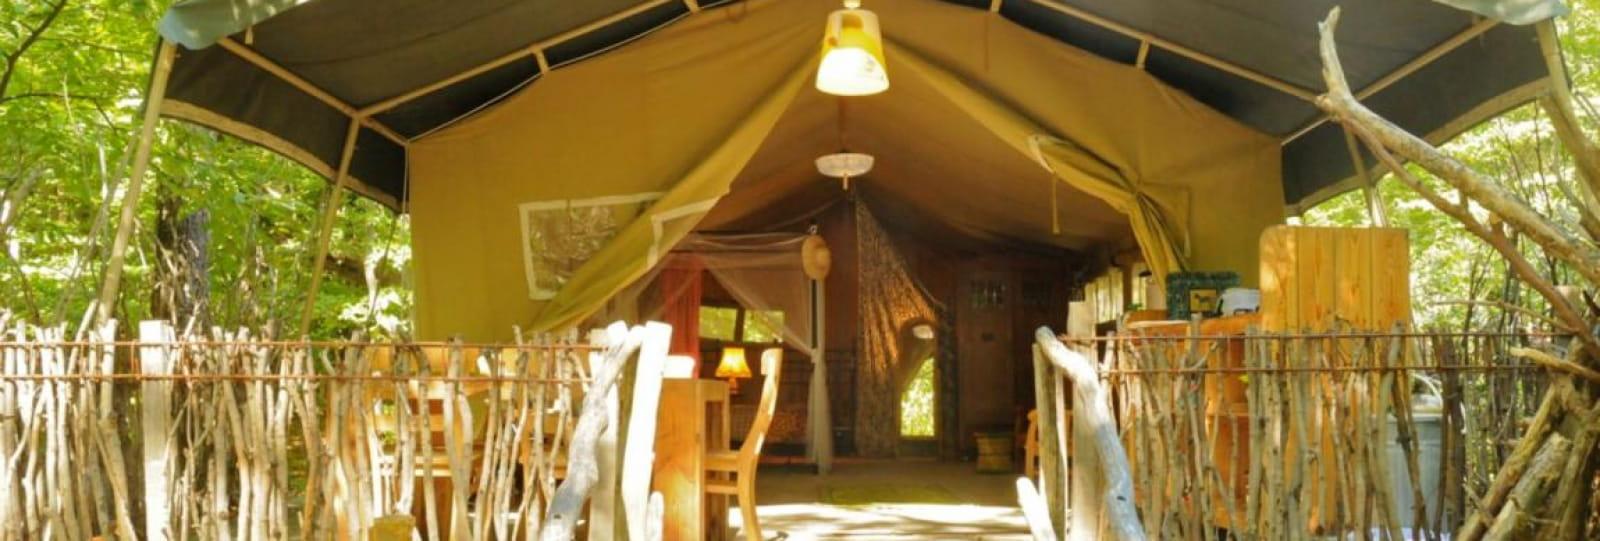 Camping Le Grand Bois - Tente Safari